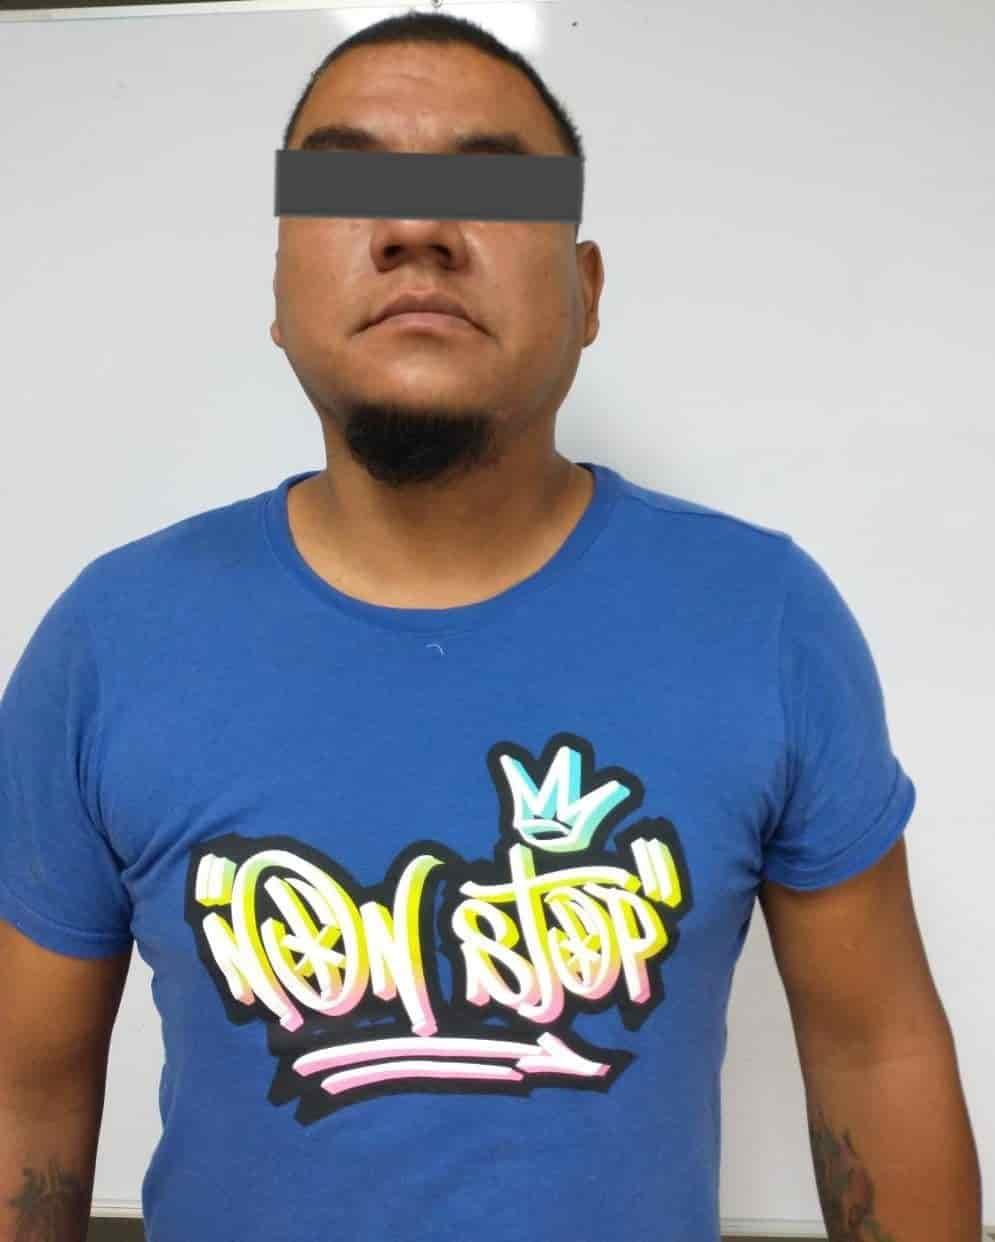 Luego de incumplir con la instalación de cocina integral por la cual le dieron un anticipo de 10 mil pesos, un carpintero fue detenido